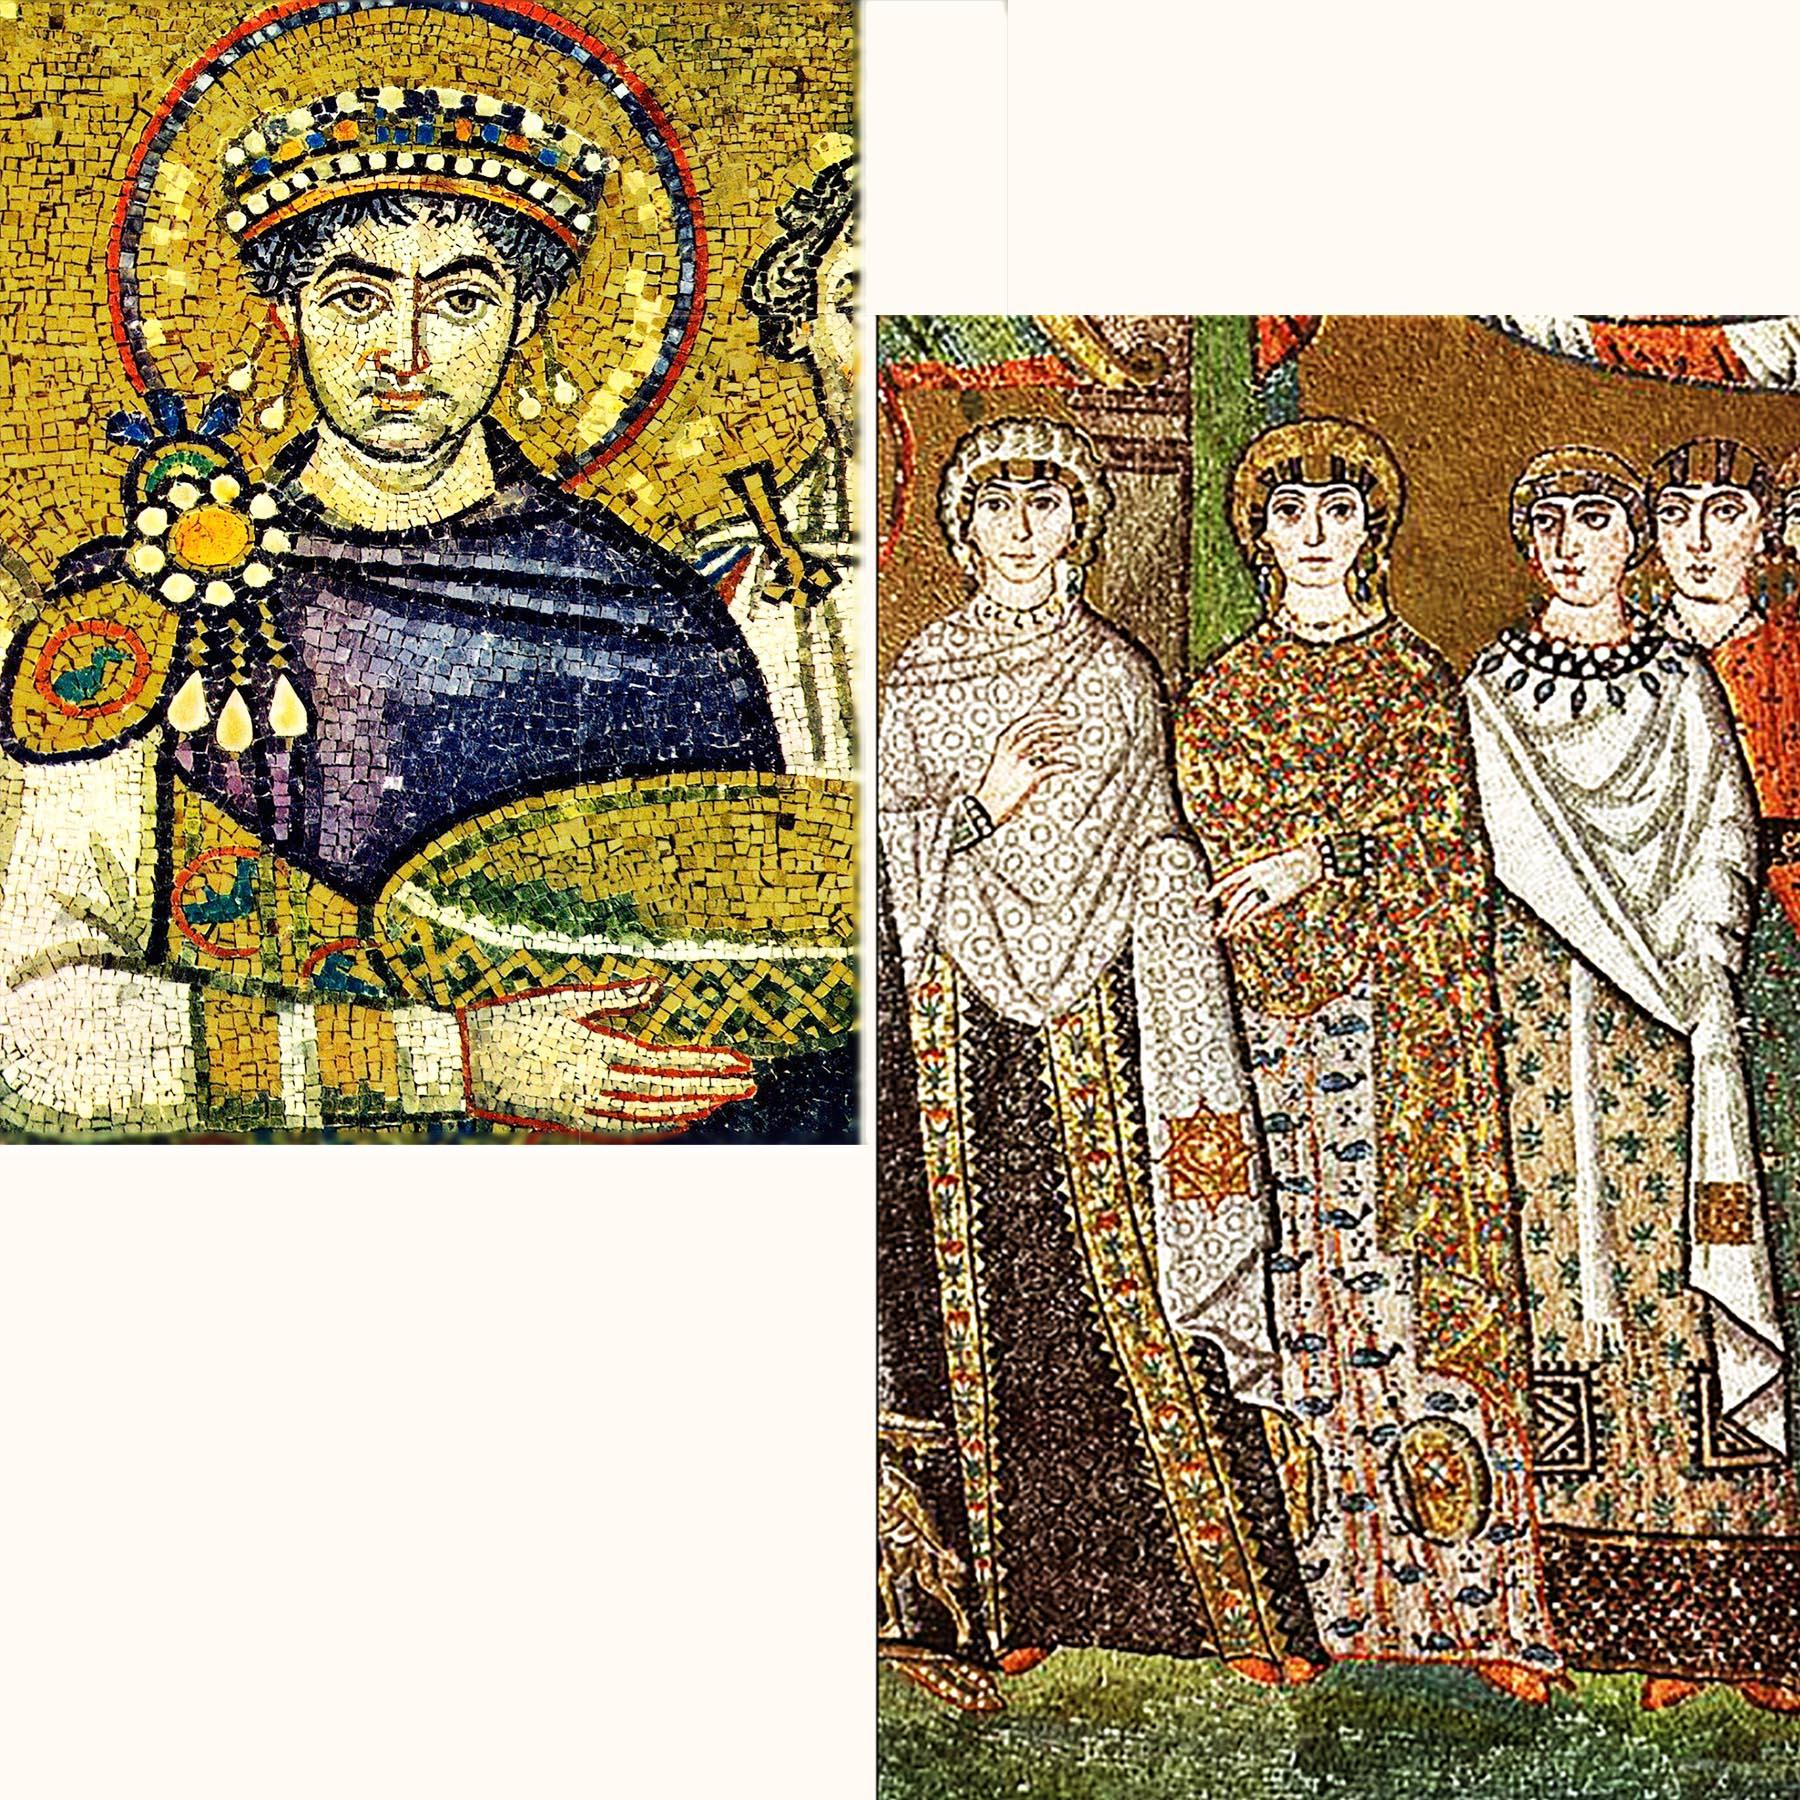 サン・ヴィターレ聖堂 モザイク ユスティニアス帝とテオドラ皇后